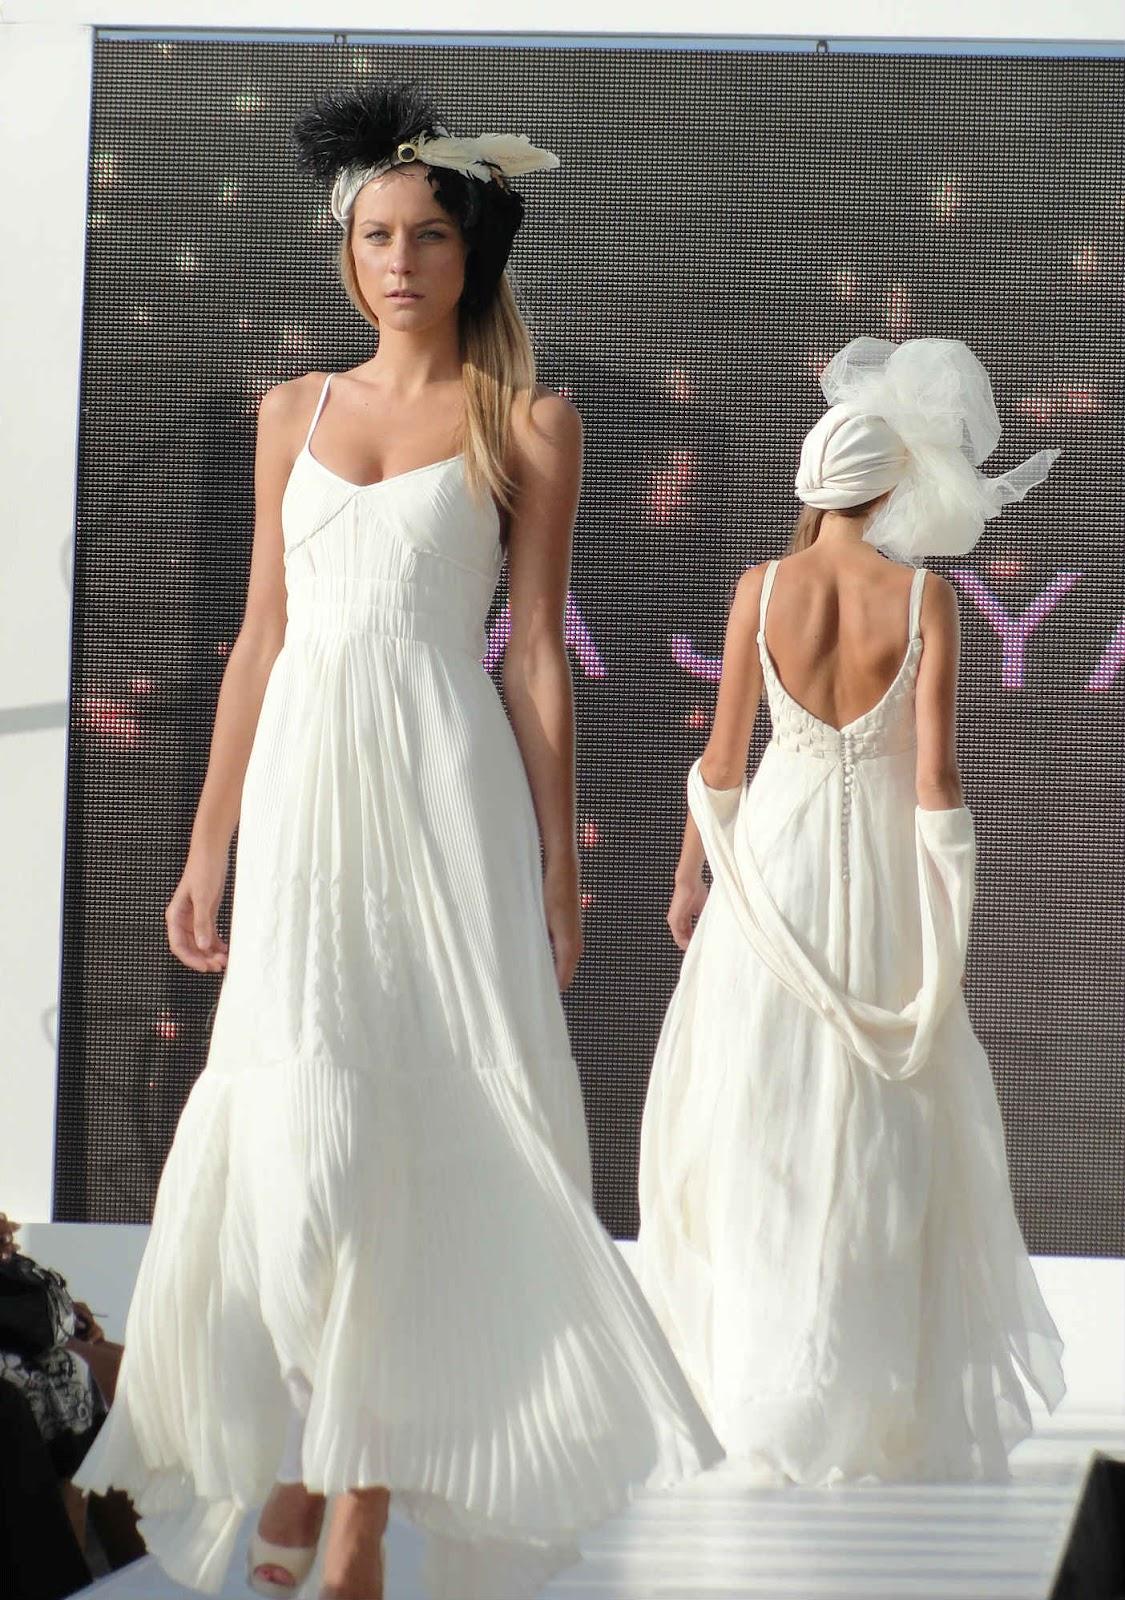 La Joya Novias en Viña D Moda 2012 | Quinta trends